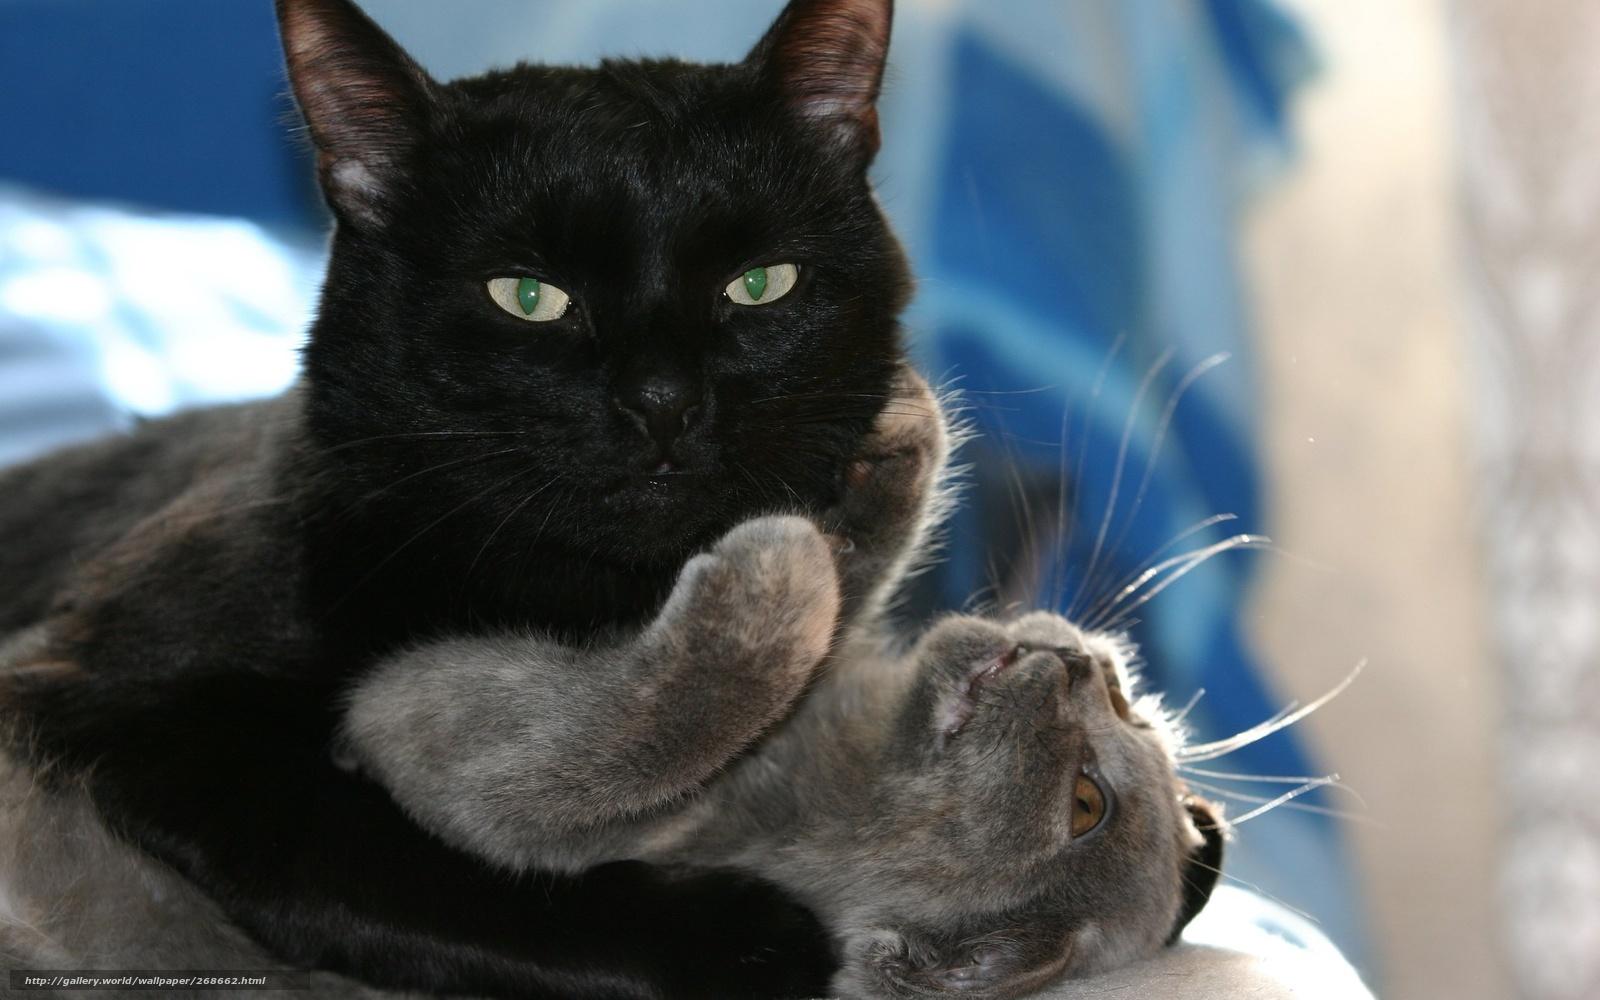 Tlcharger Fond d'ecran chat, noir, chat Fonds d'ecran gratuits pour votre rsolution du bureau ...